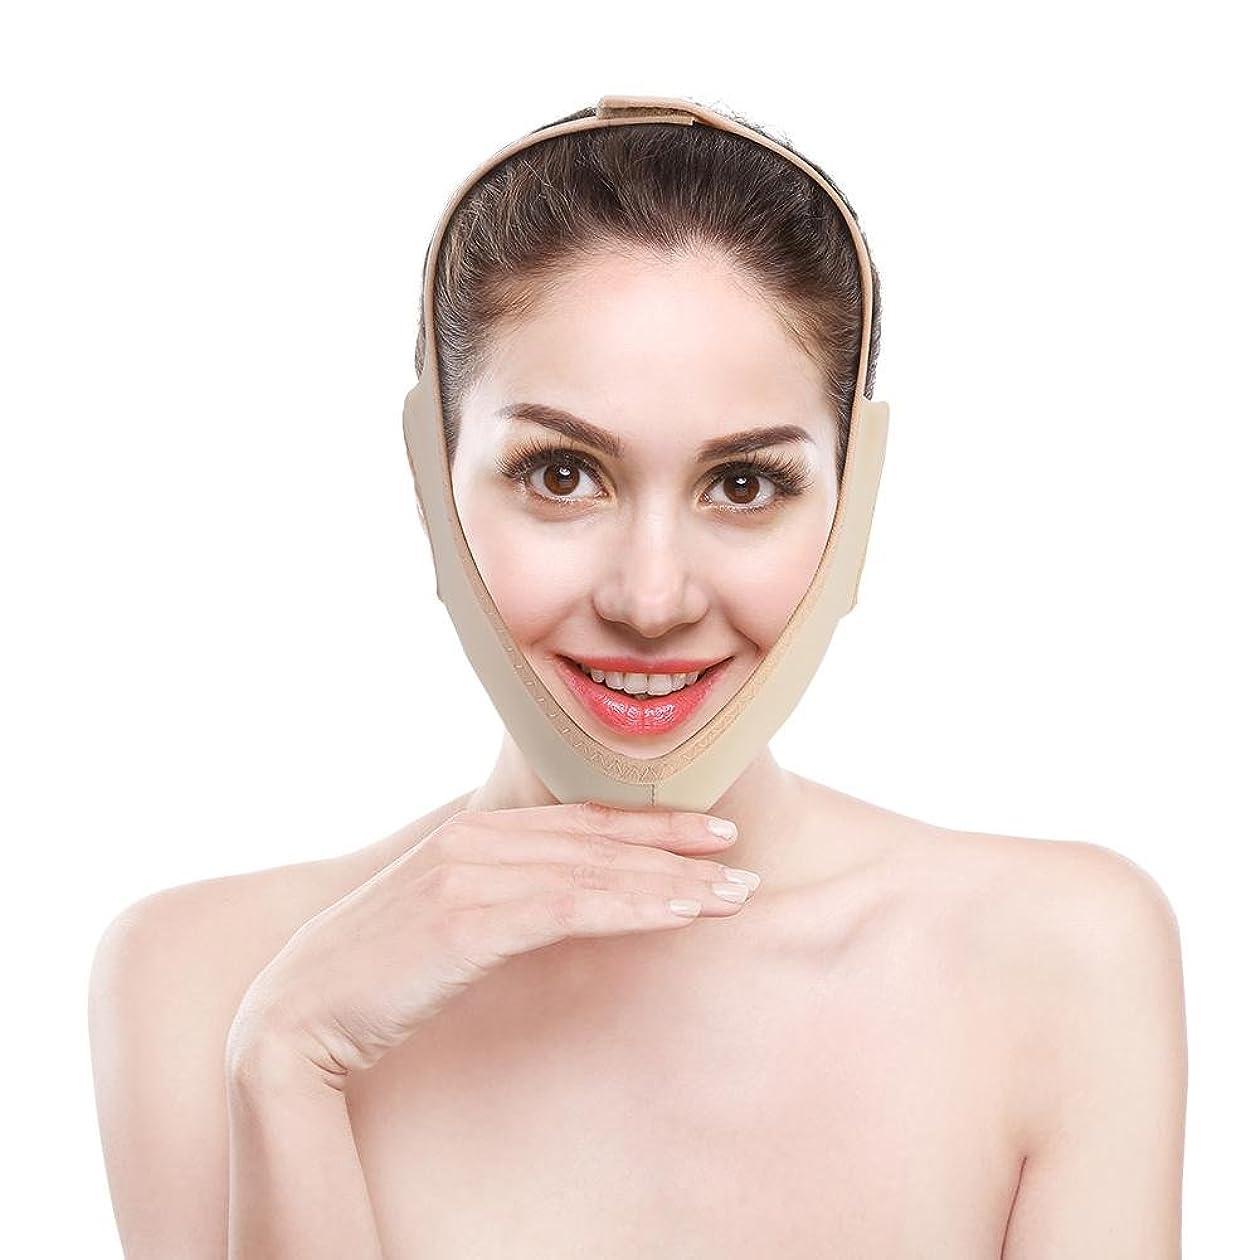 車指周辺顔の輪郭を改善するVフェイス包帯、フェイスリフト用フェイスマスク、通気性/伸縮性/非変形性(M)